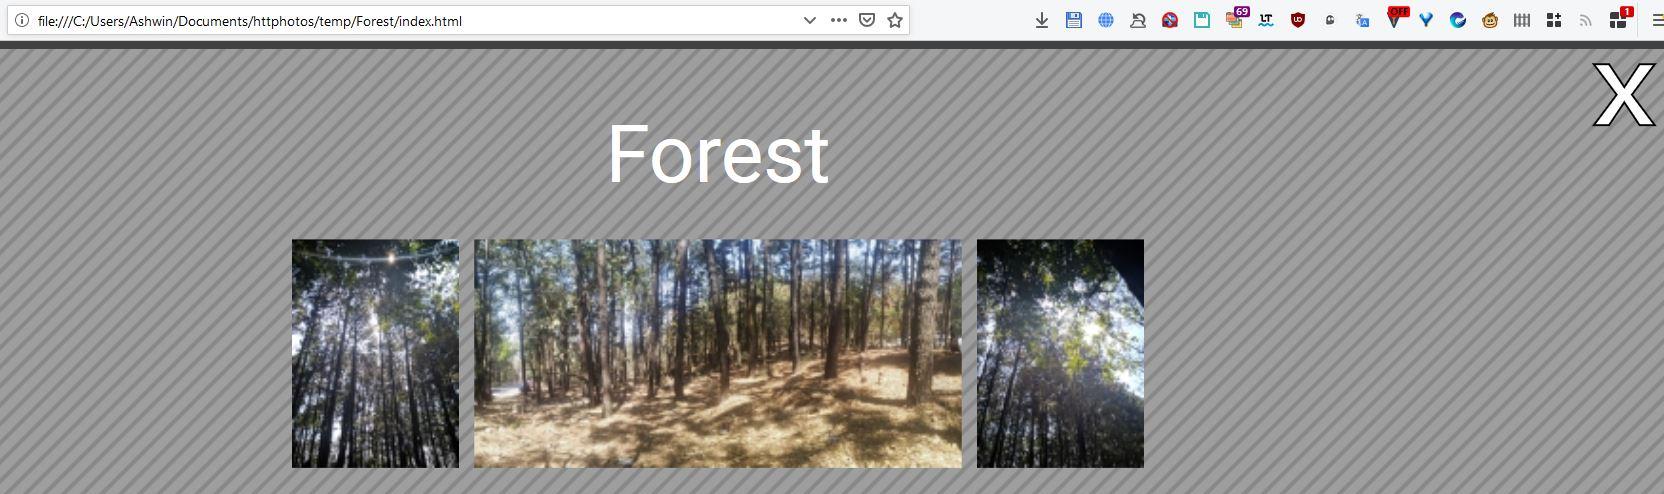 Vista de la galería de fotos HTTPhotos HTML